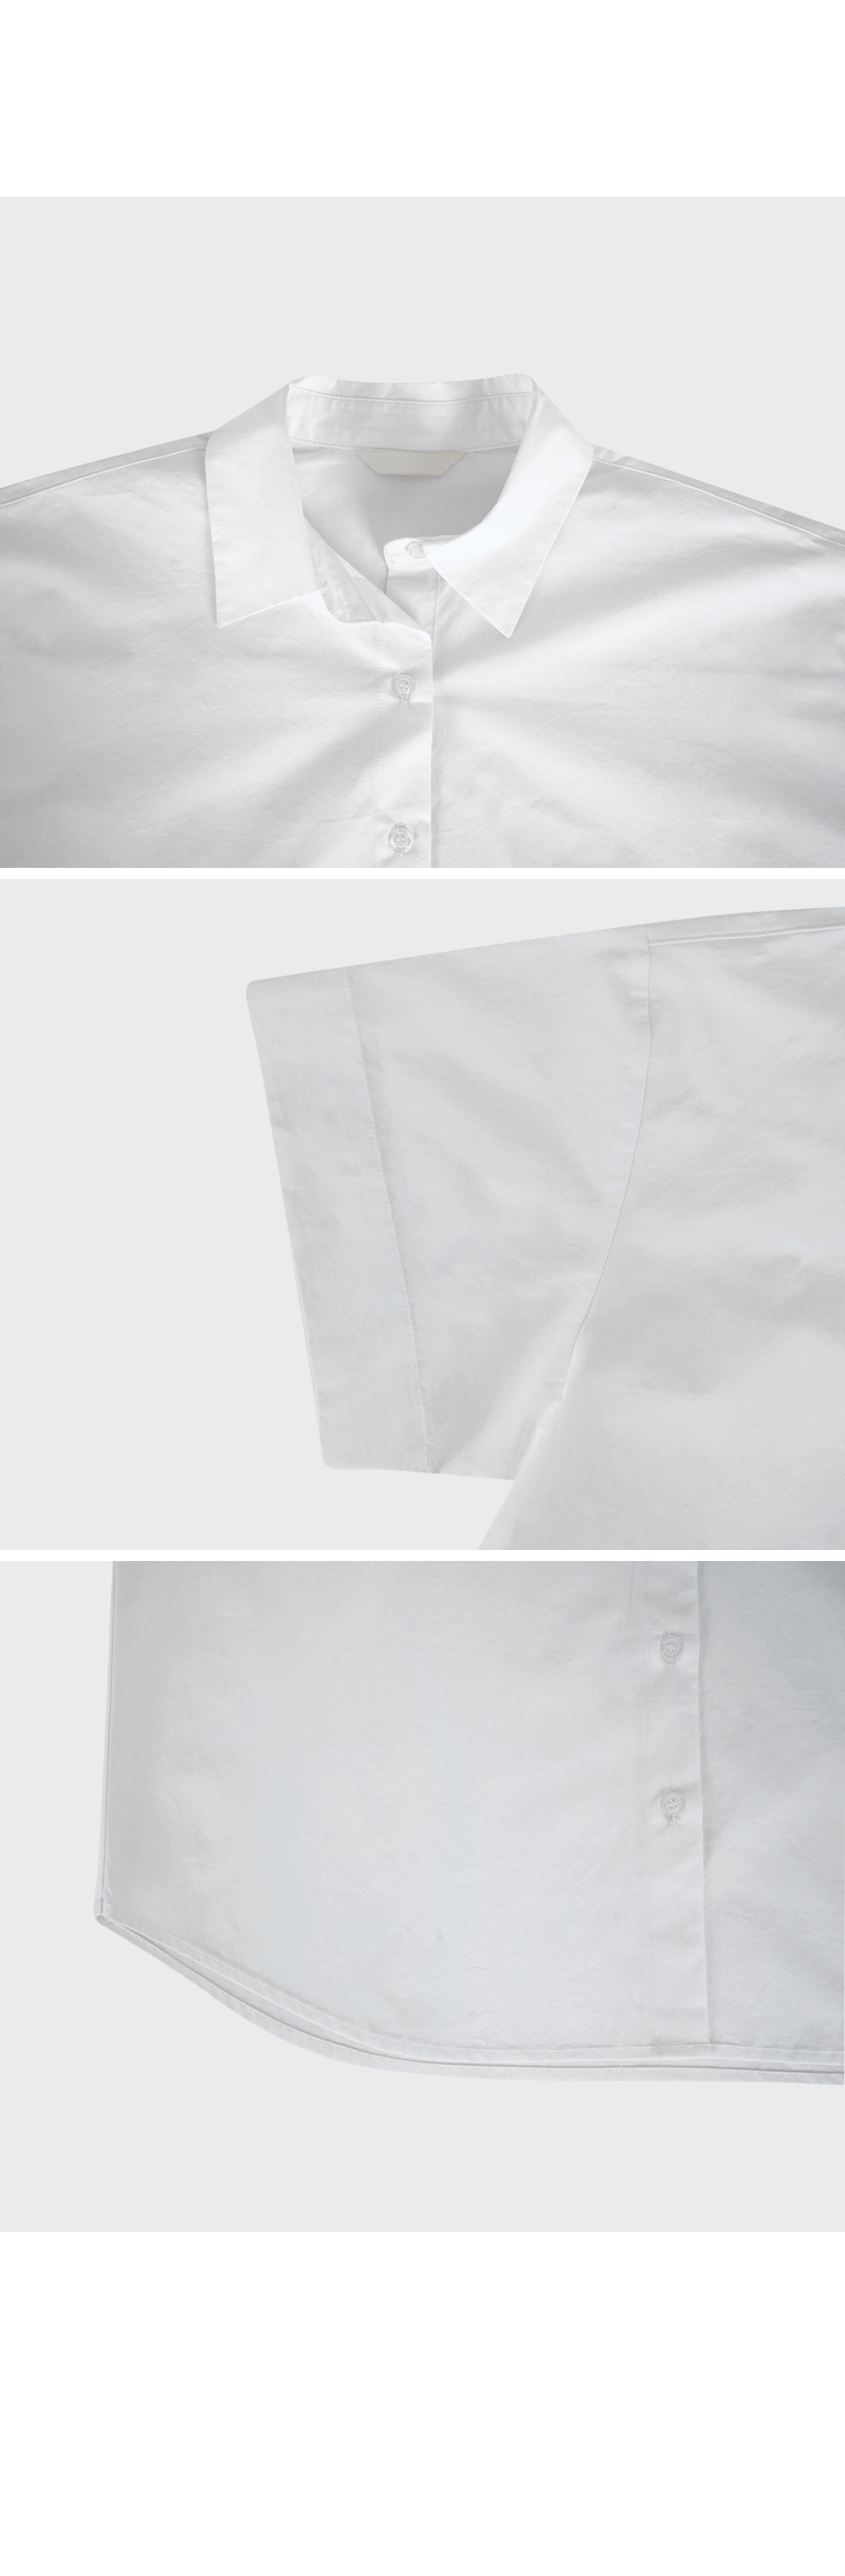 White Short Sleeve Cotton Shirt- Holiholic